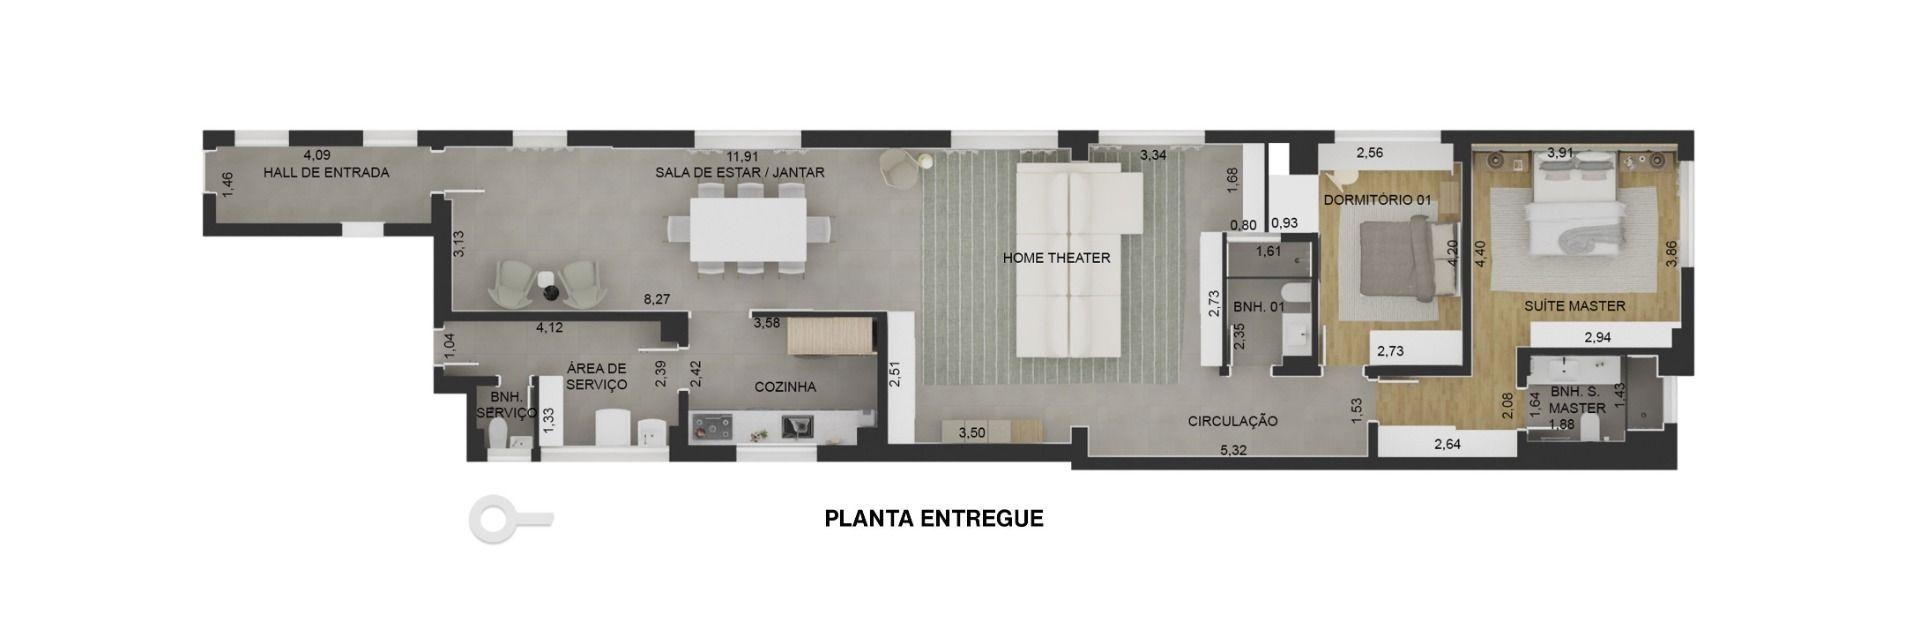 138 M² - 2 DORMITÓRIOS, SENDO 1 SUÍTE. (Apartamento 81, 8º andar).